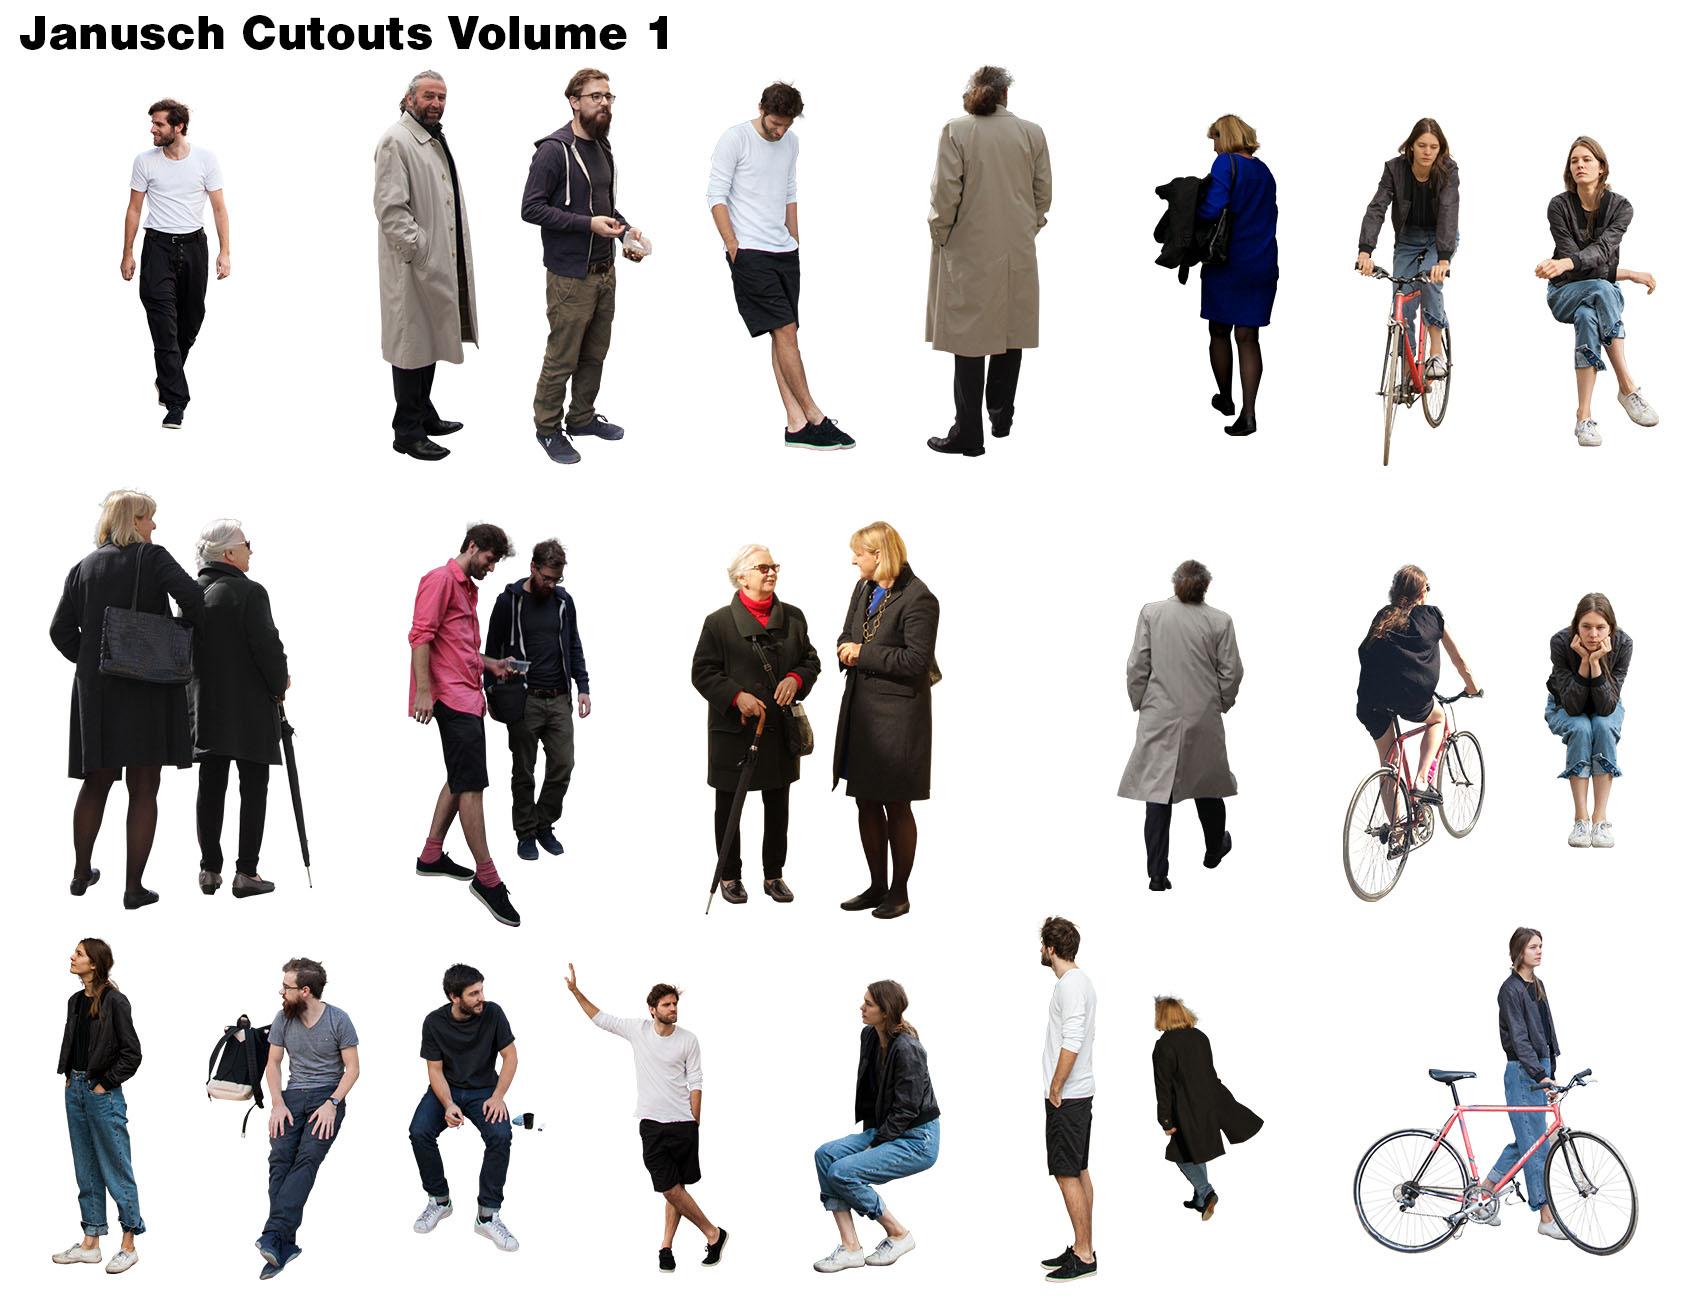 Janusch_Cutouts_Volume1.jpg